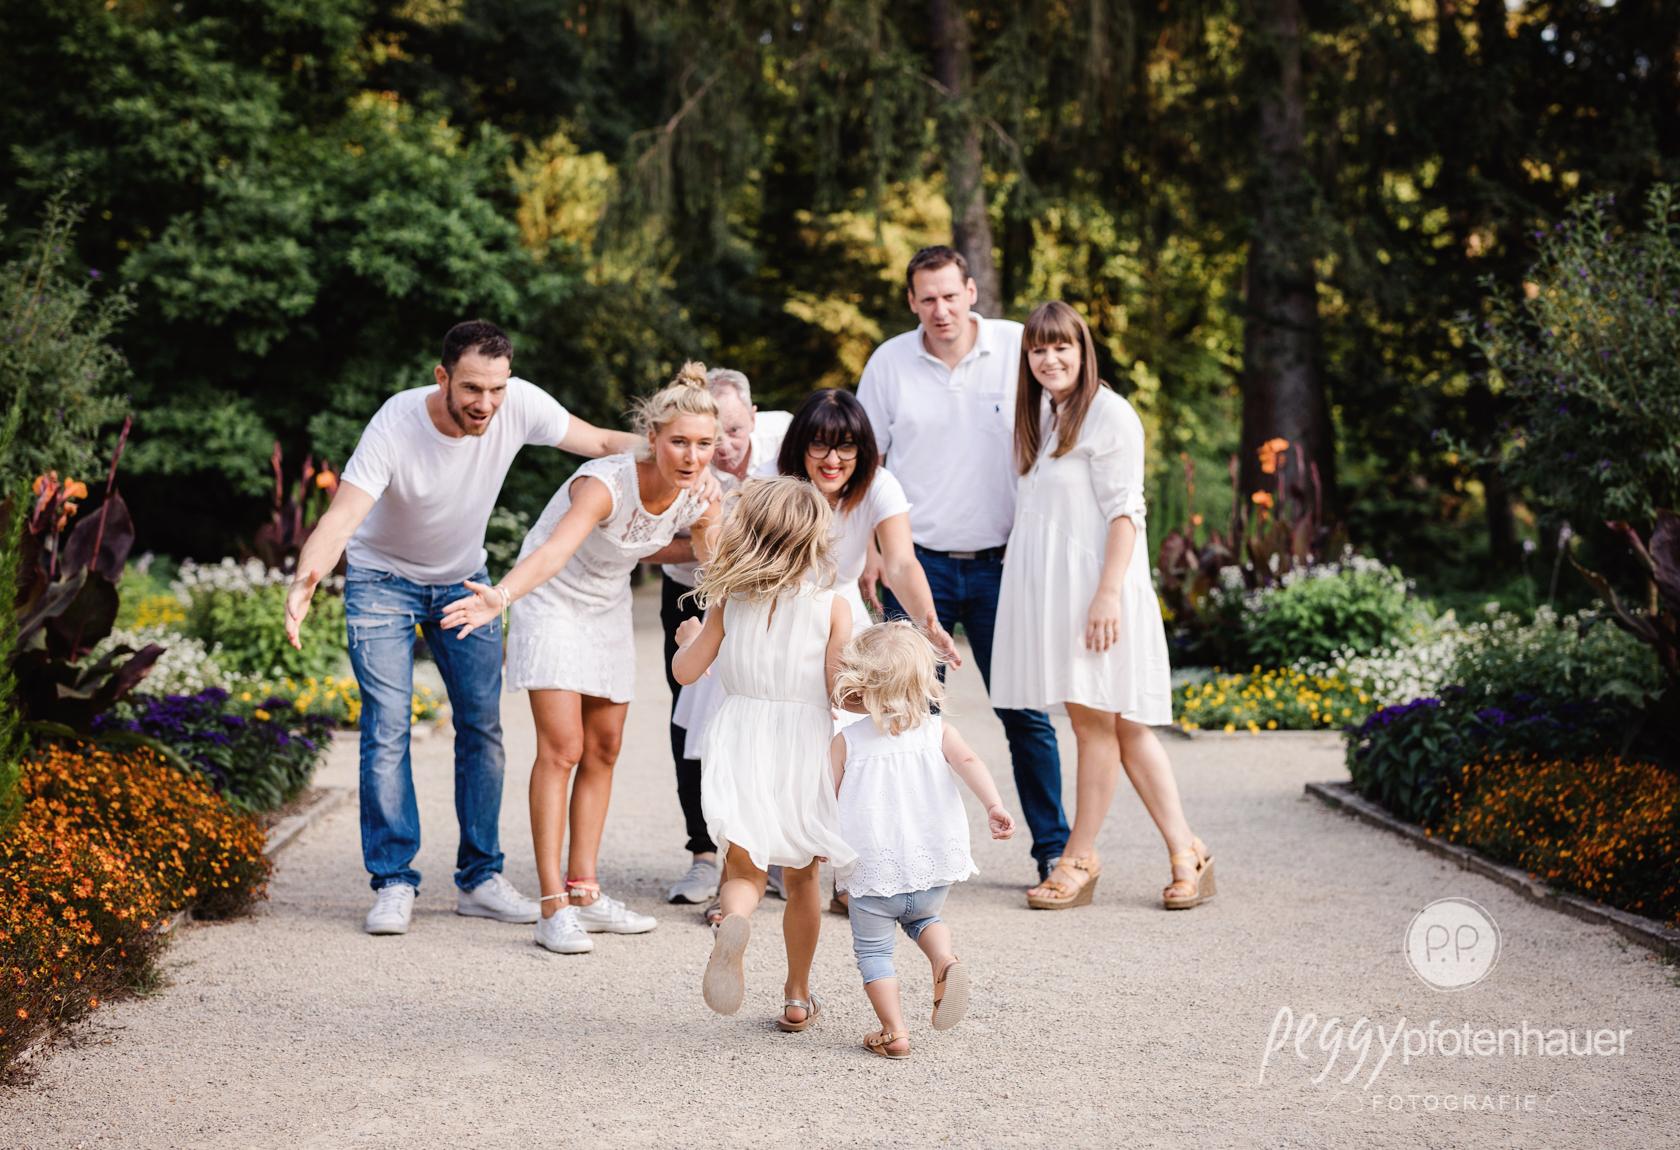 Großfamilien Fotoshootings